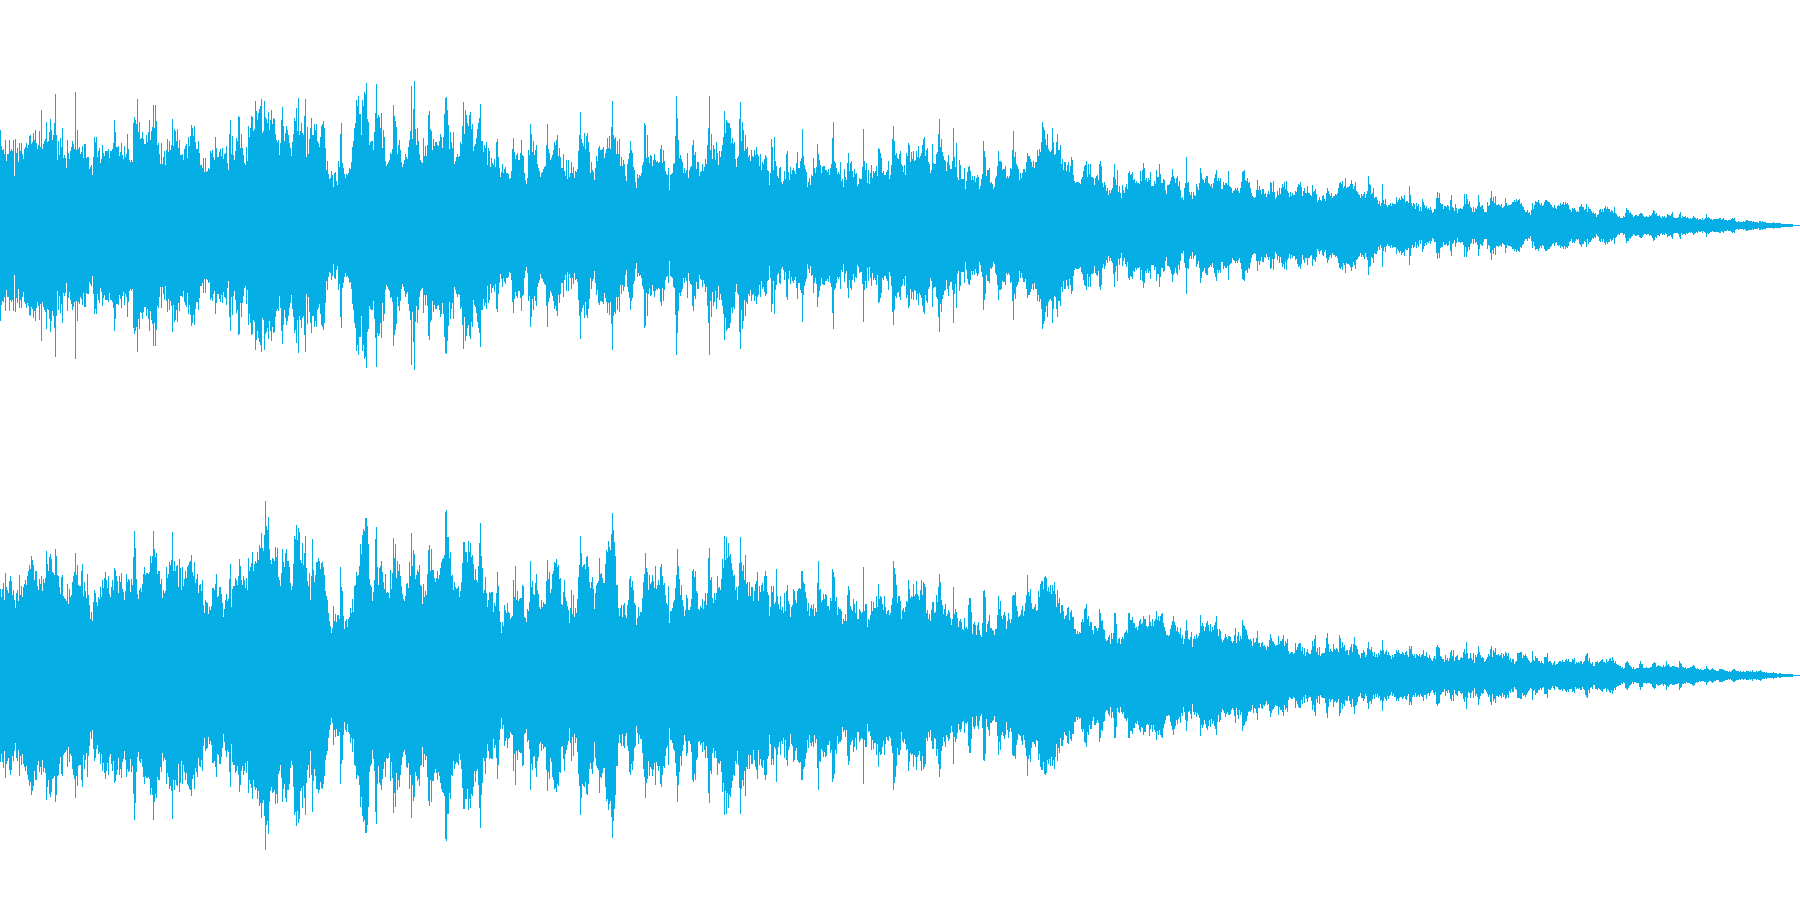 ヘリコプター/プロペラ/エンジン音!01の再生済みの波形